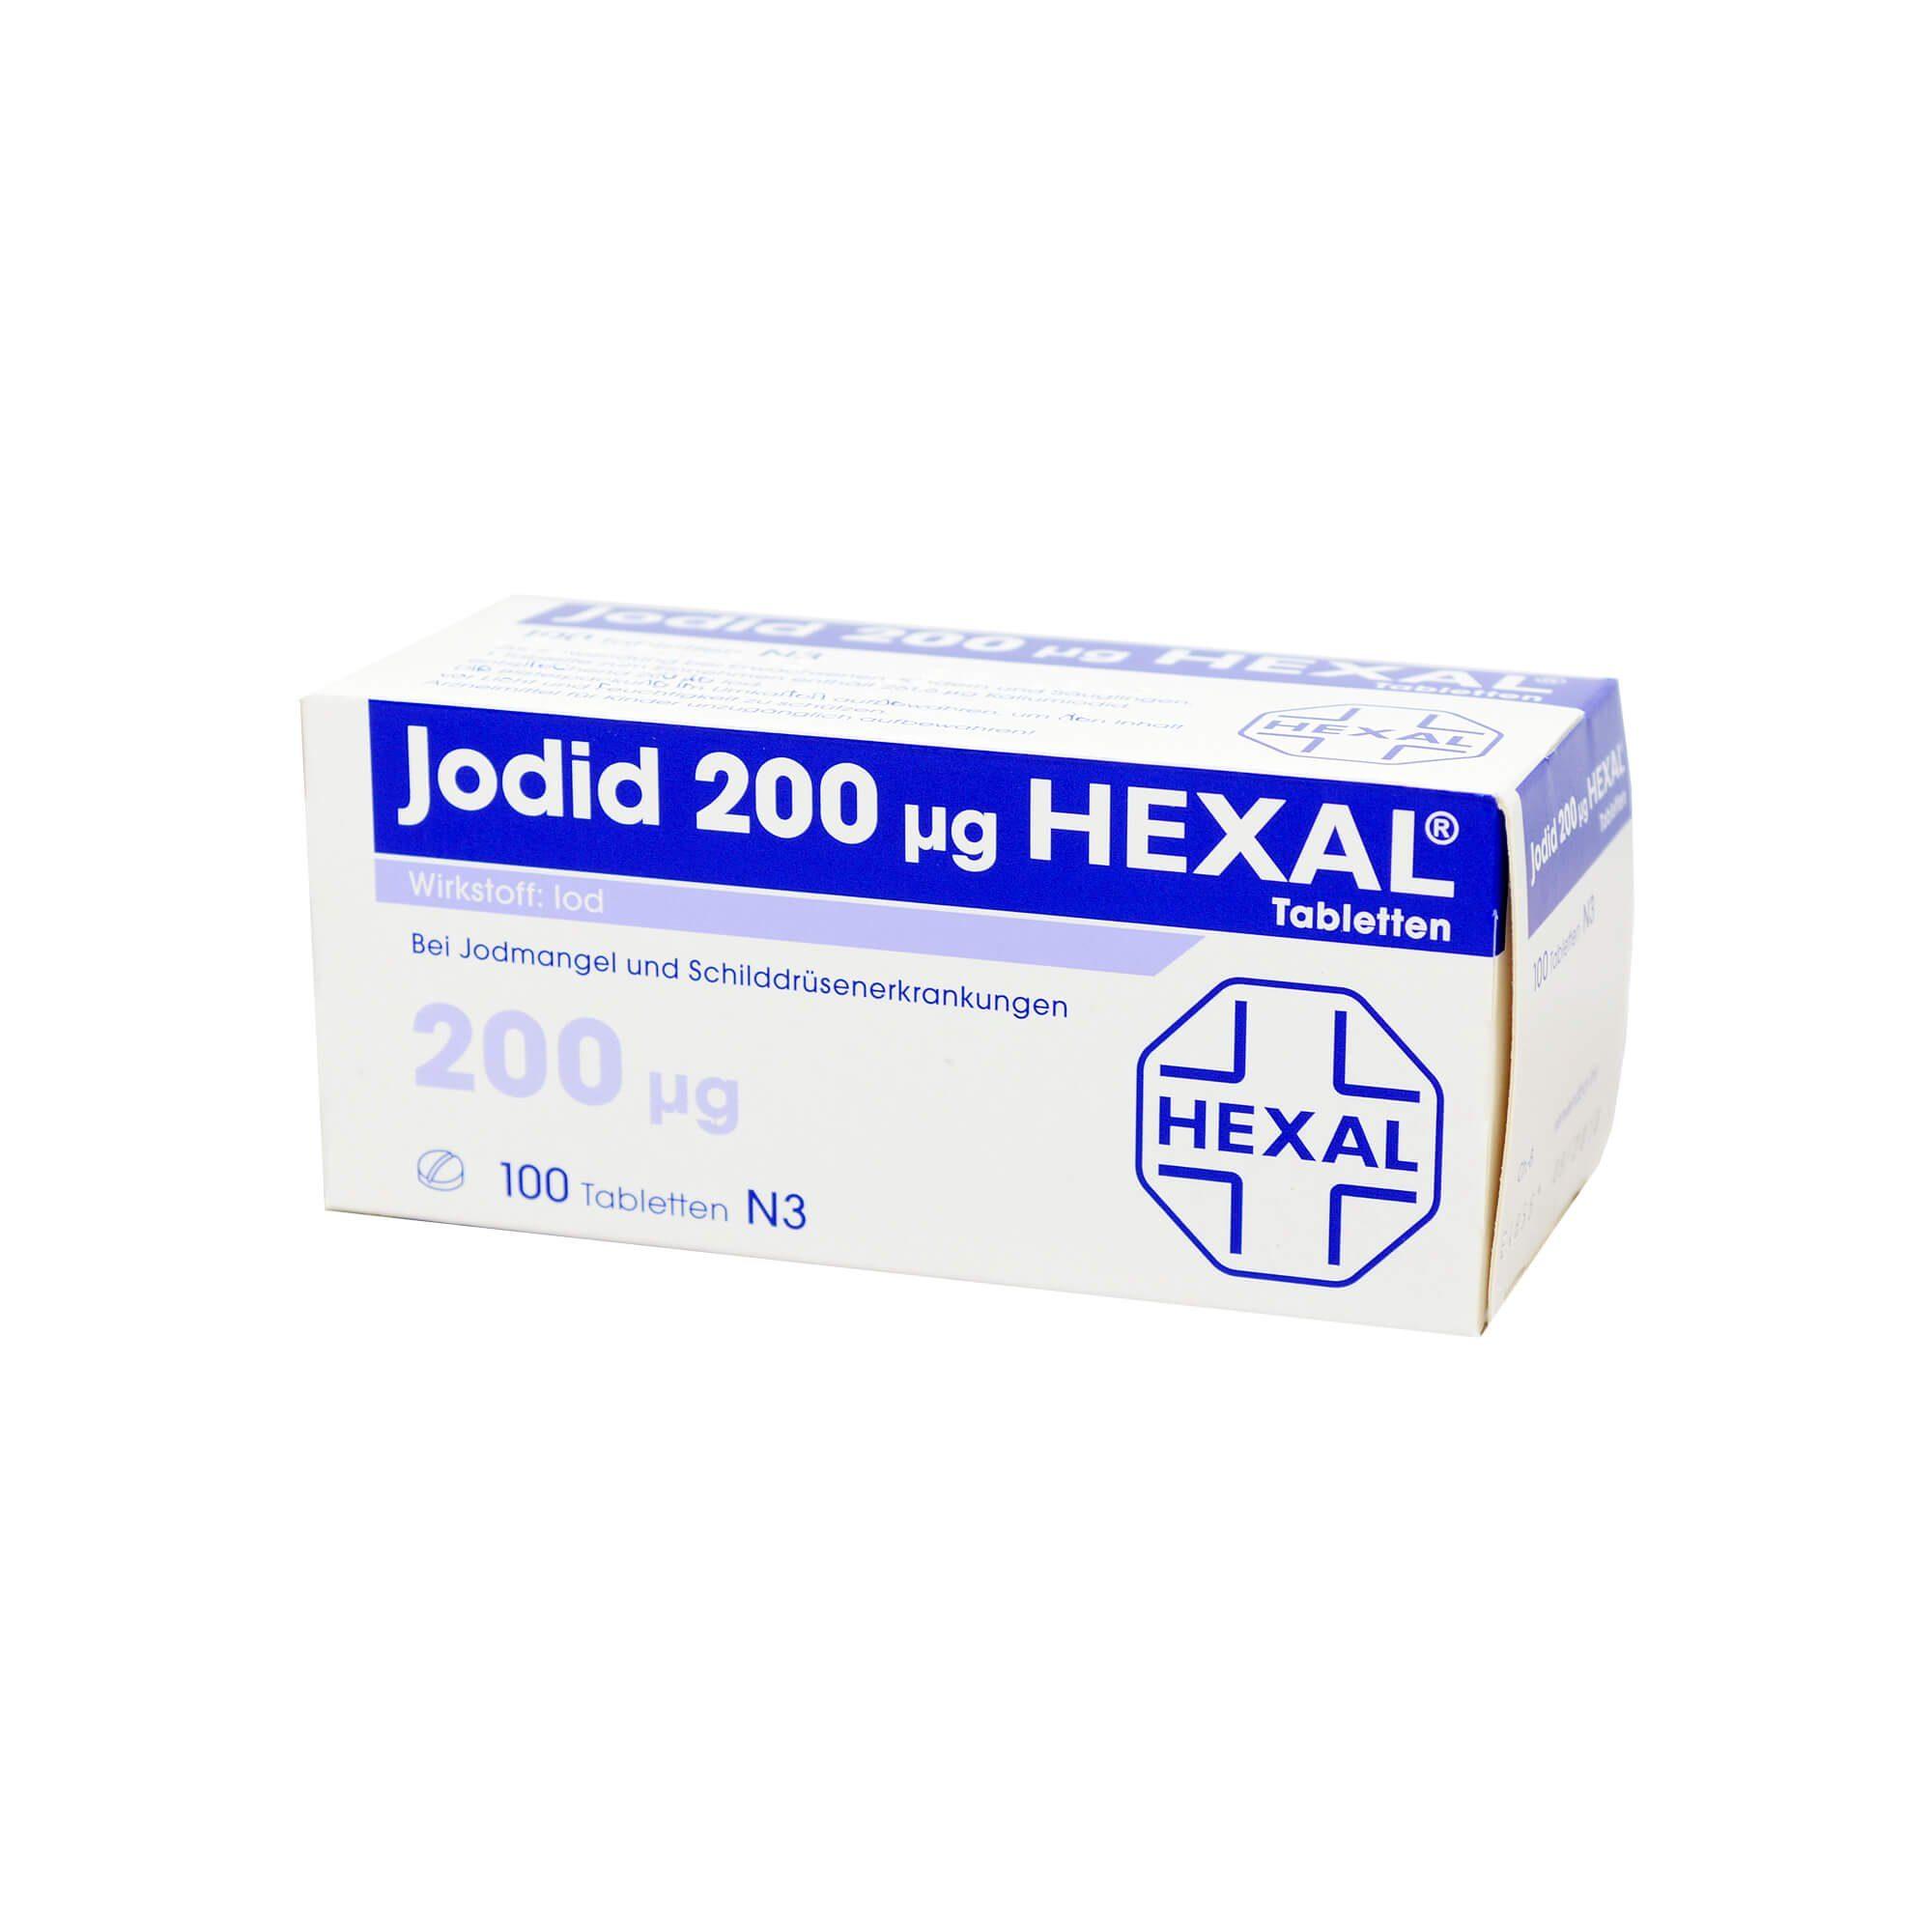 Jodid 200 Hexal, 100 St